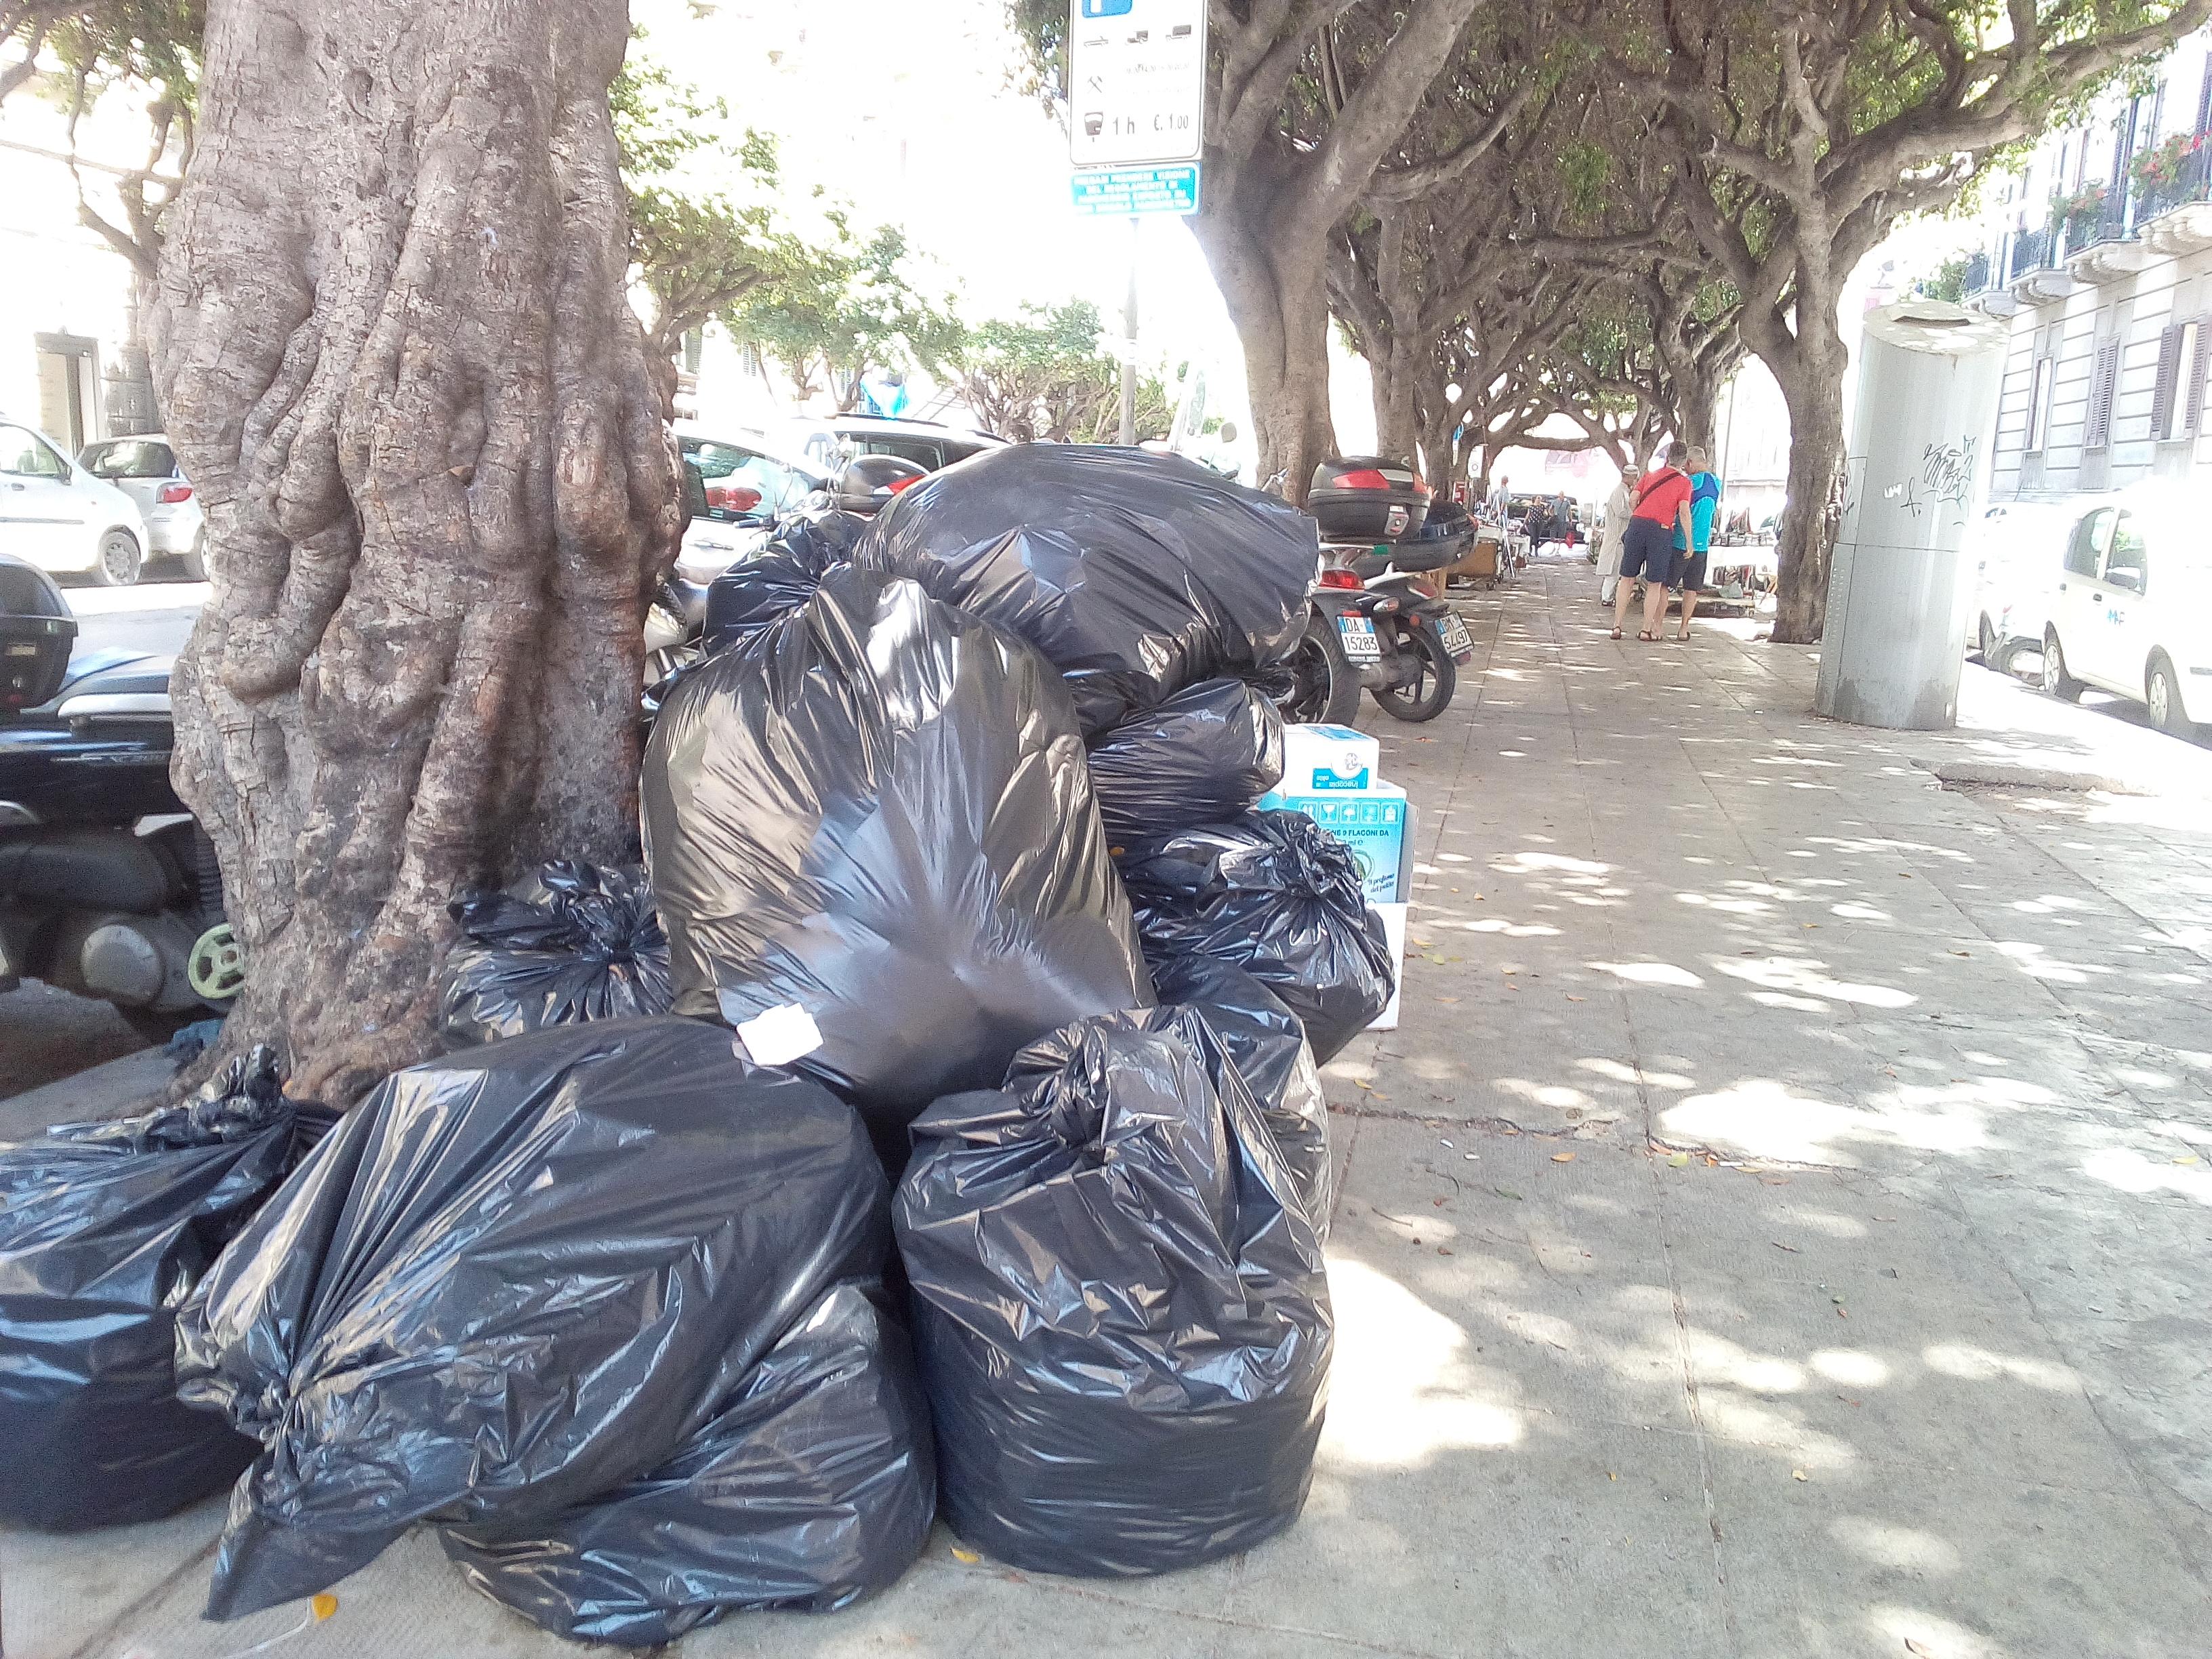 Ufficio Di Igiene Palermo : Palermo l estate nera dei monumenti nel degrado giornale di sicilia